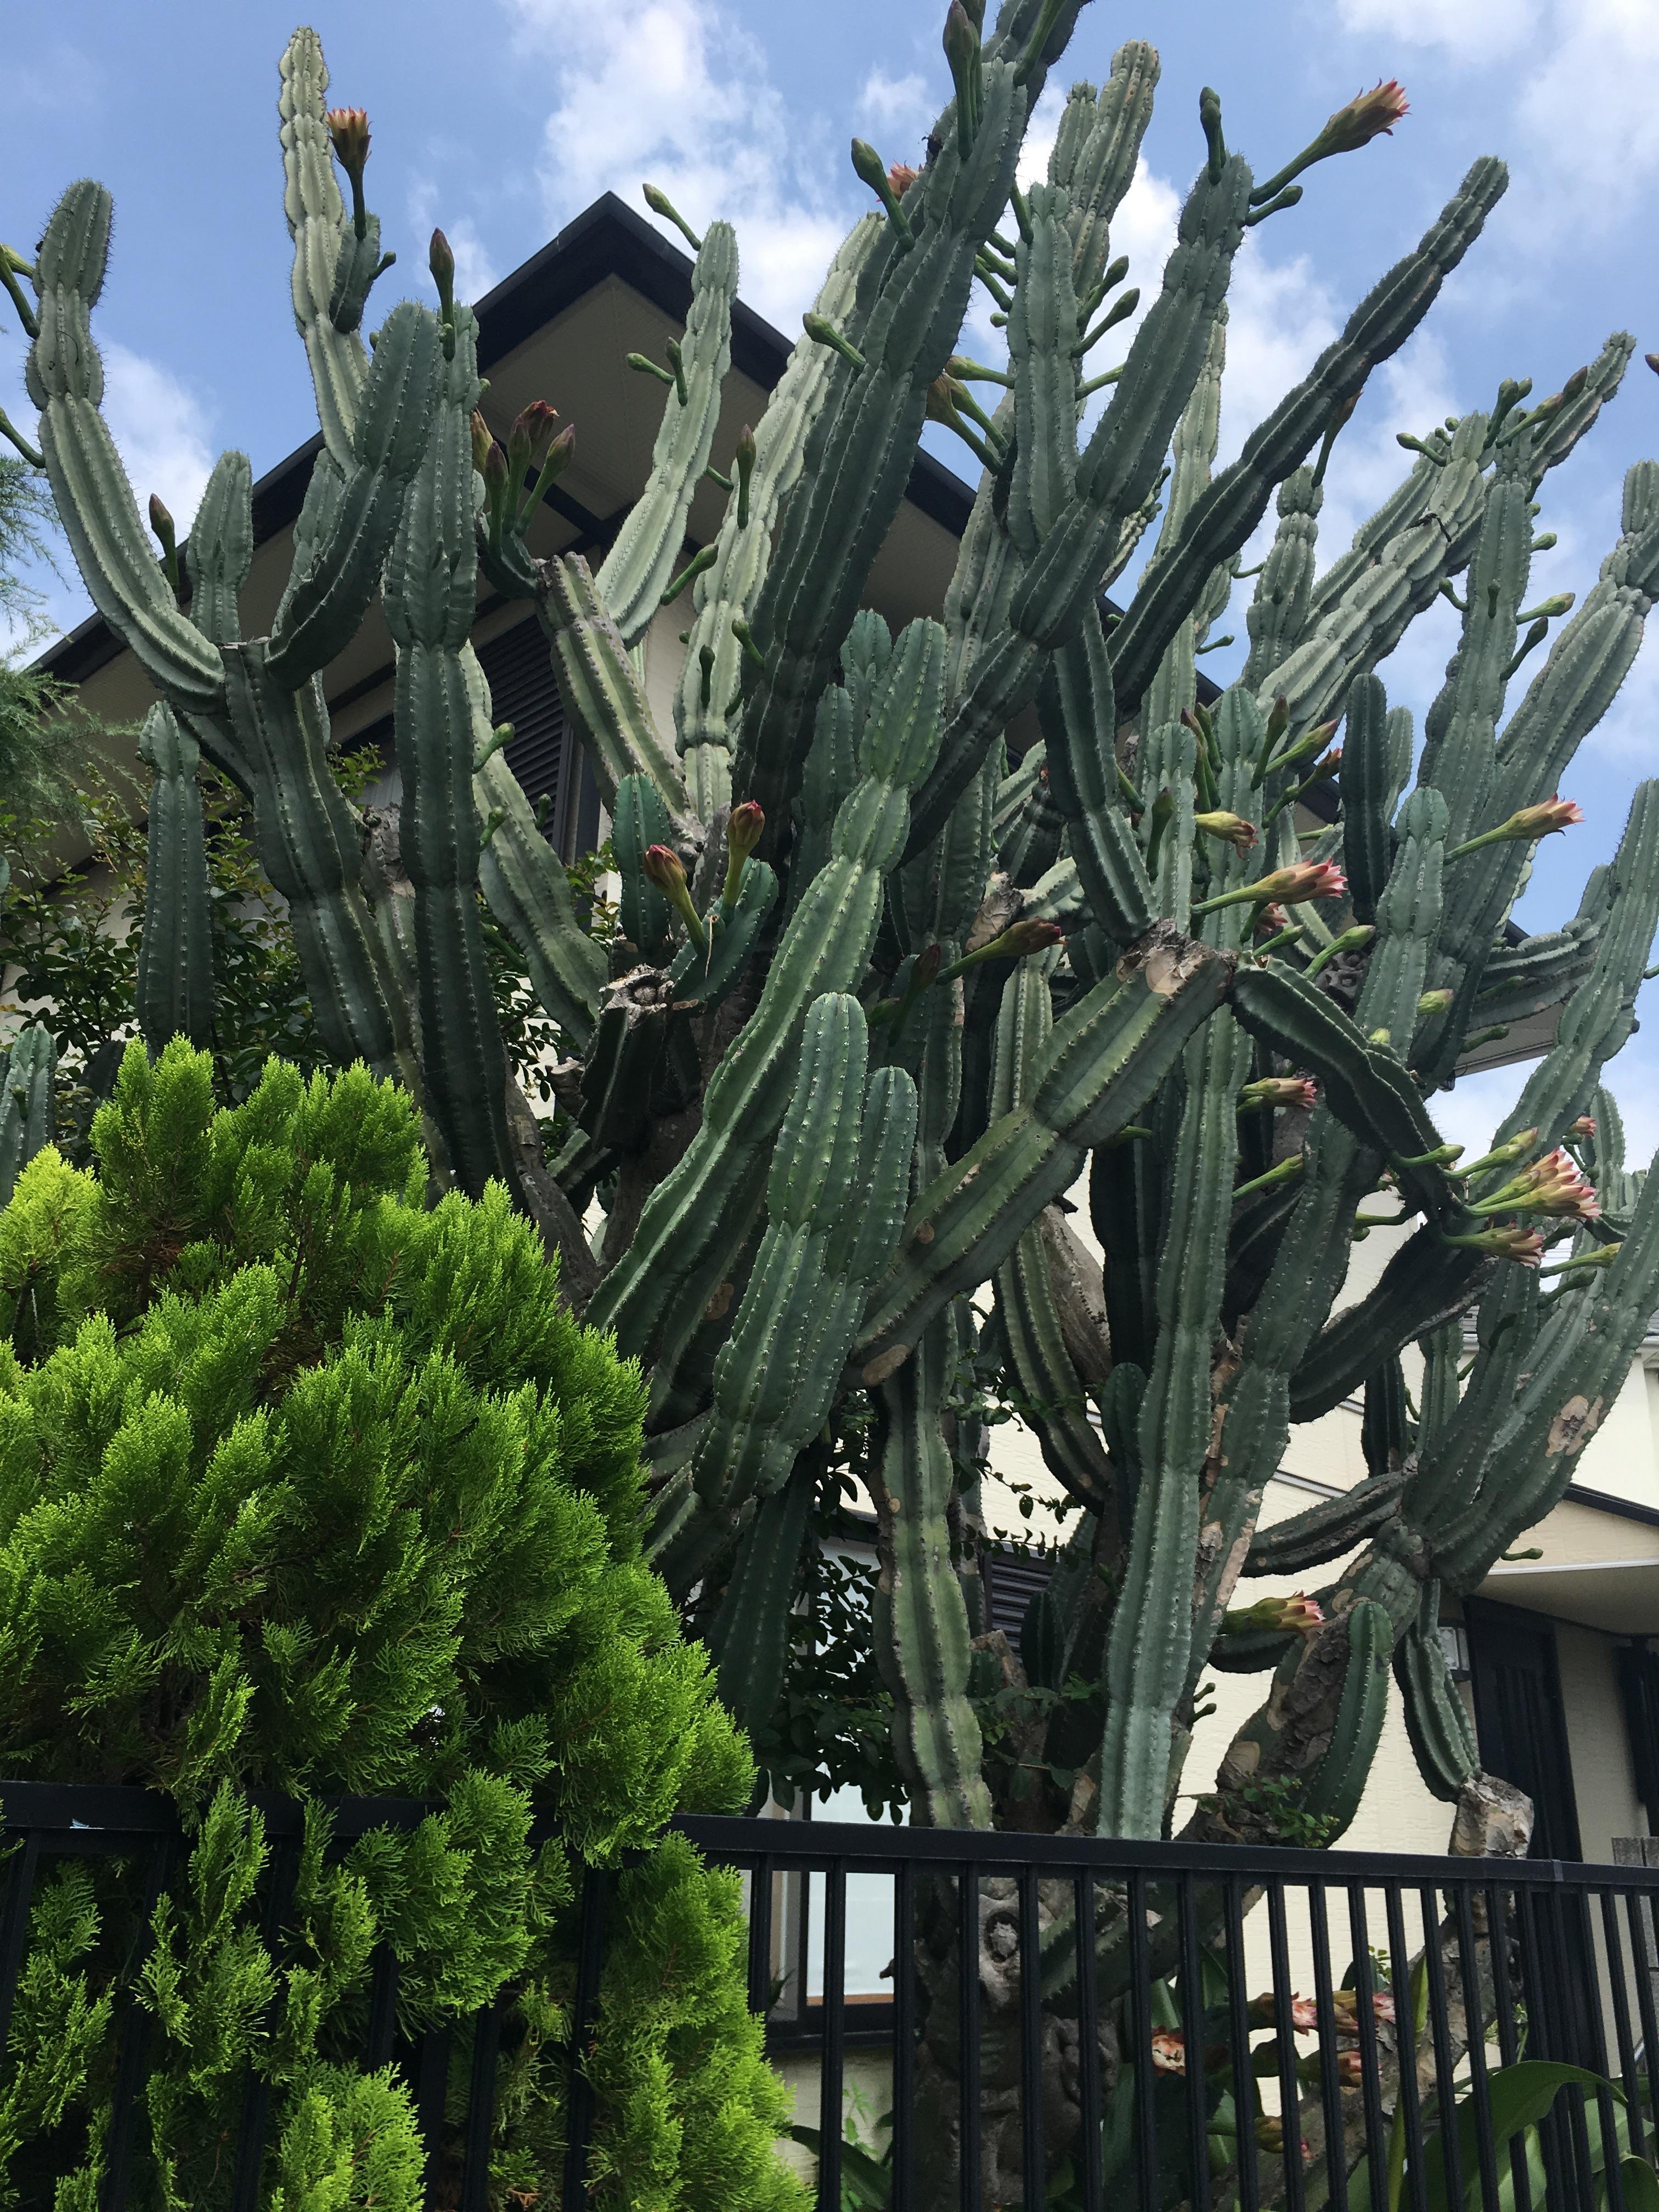 Giant garden cactus in Japan